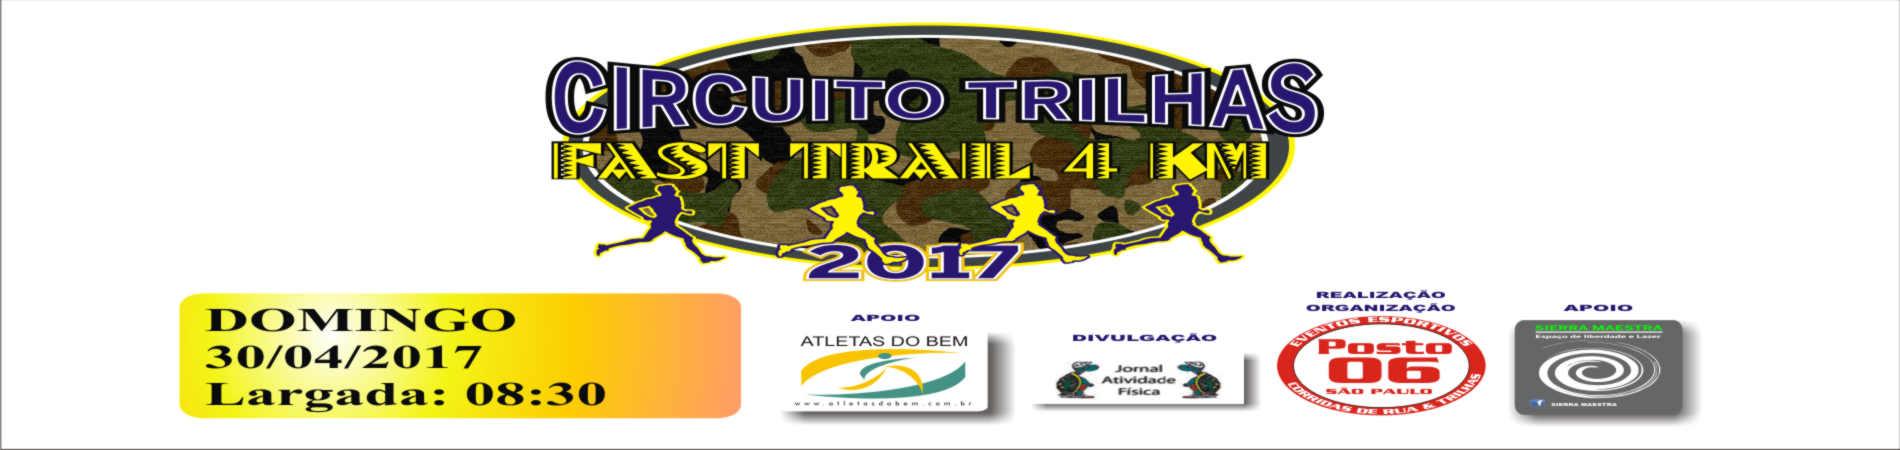 CIRCUITO TRILHAS FAST TRAIL 2017 - Imagem de topo